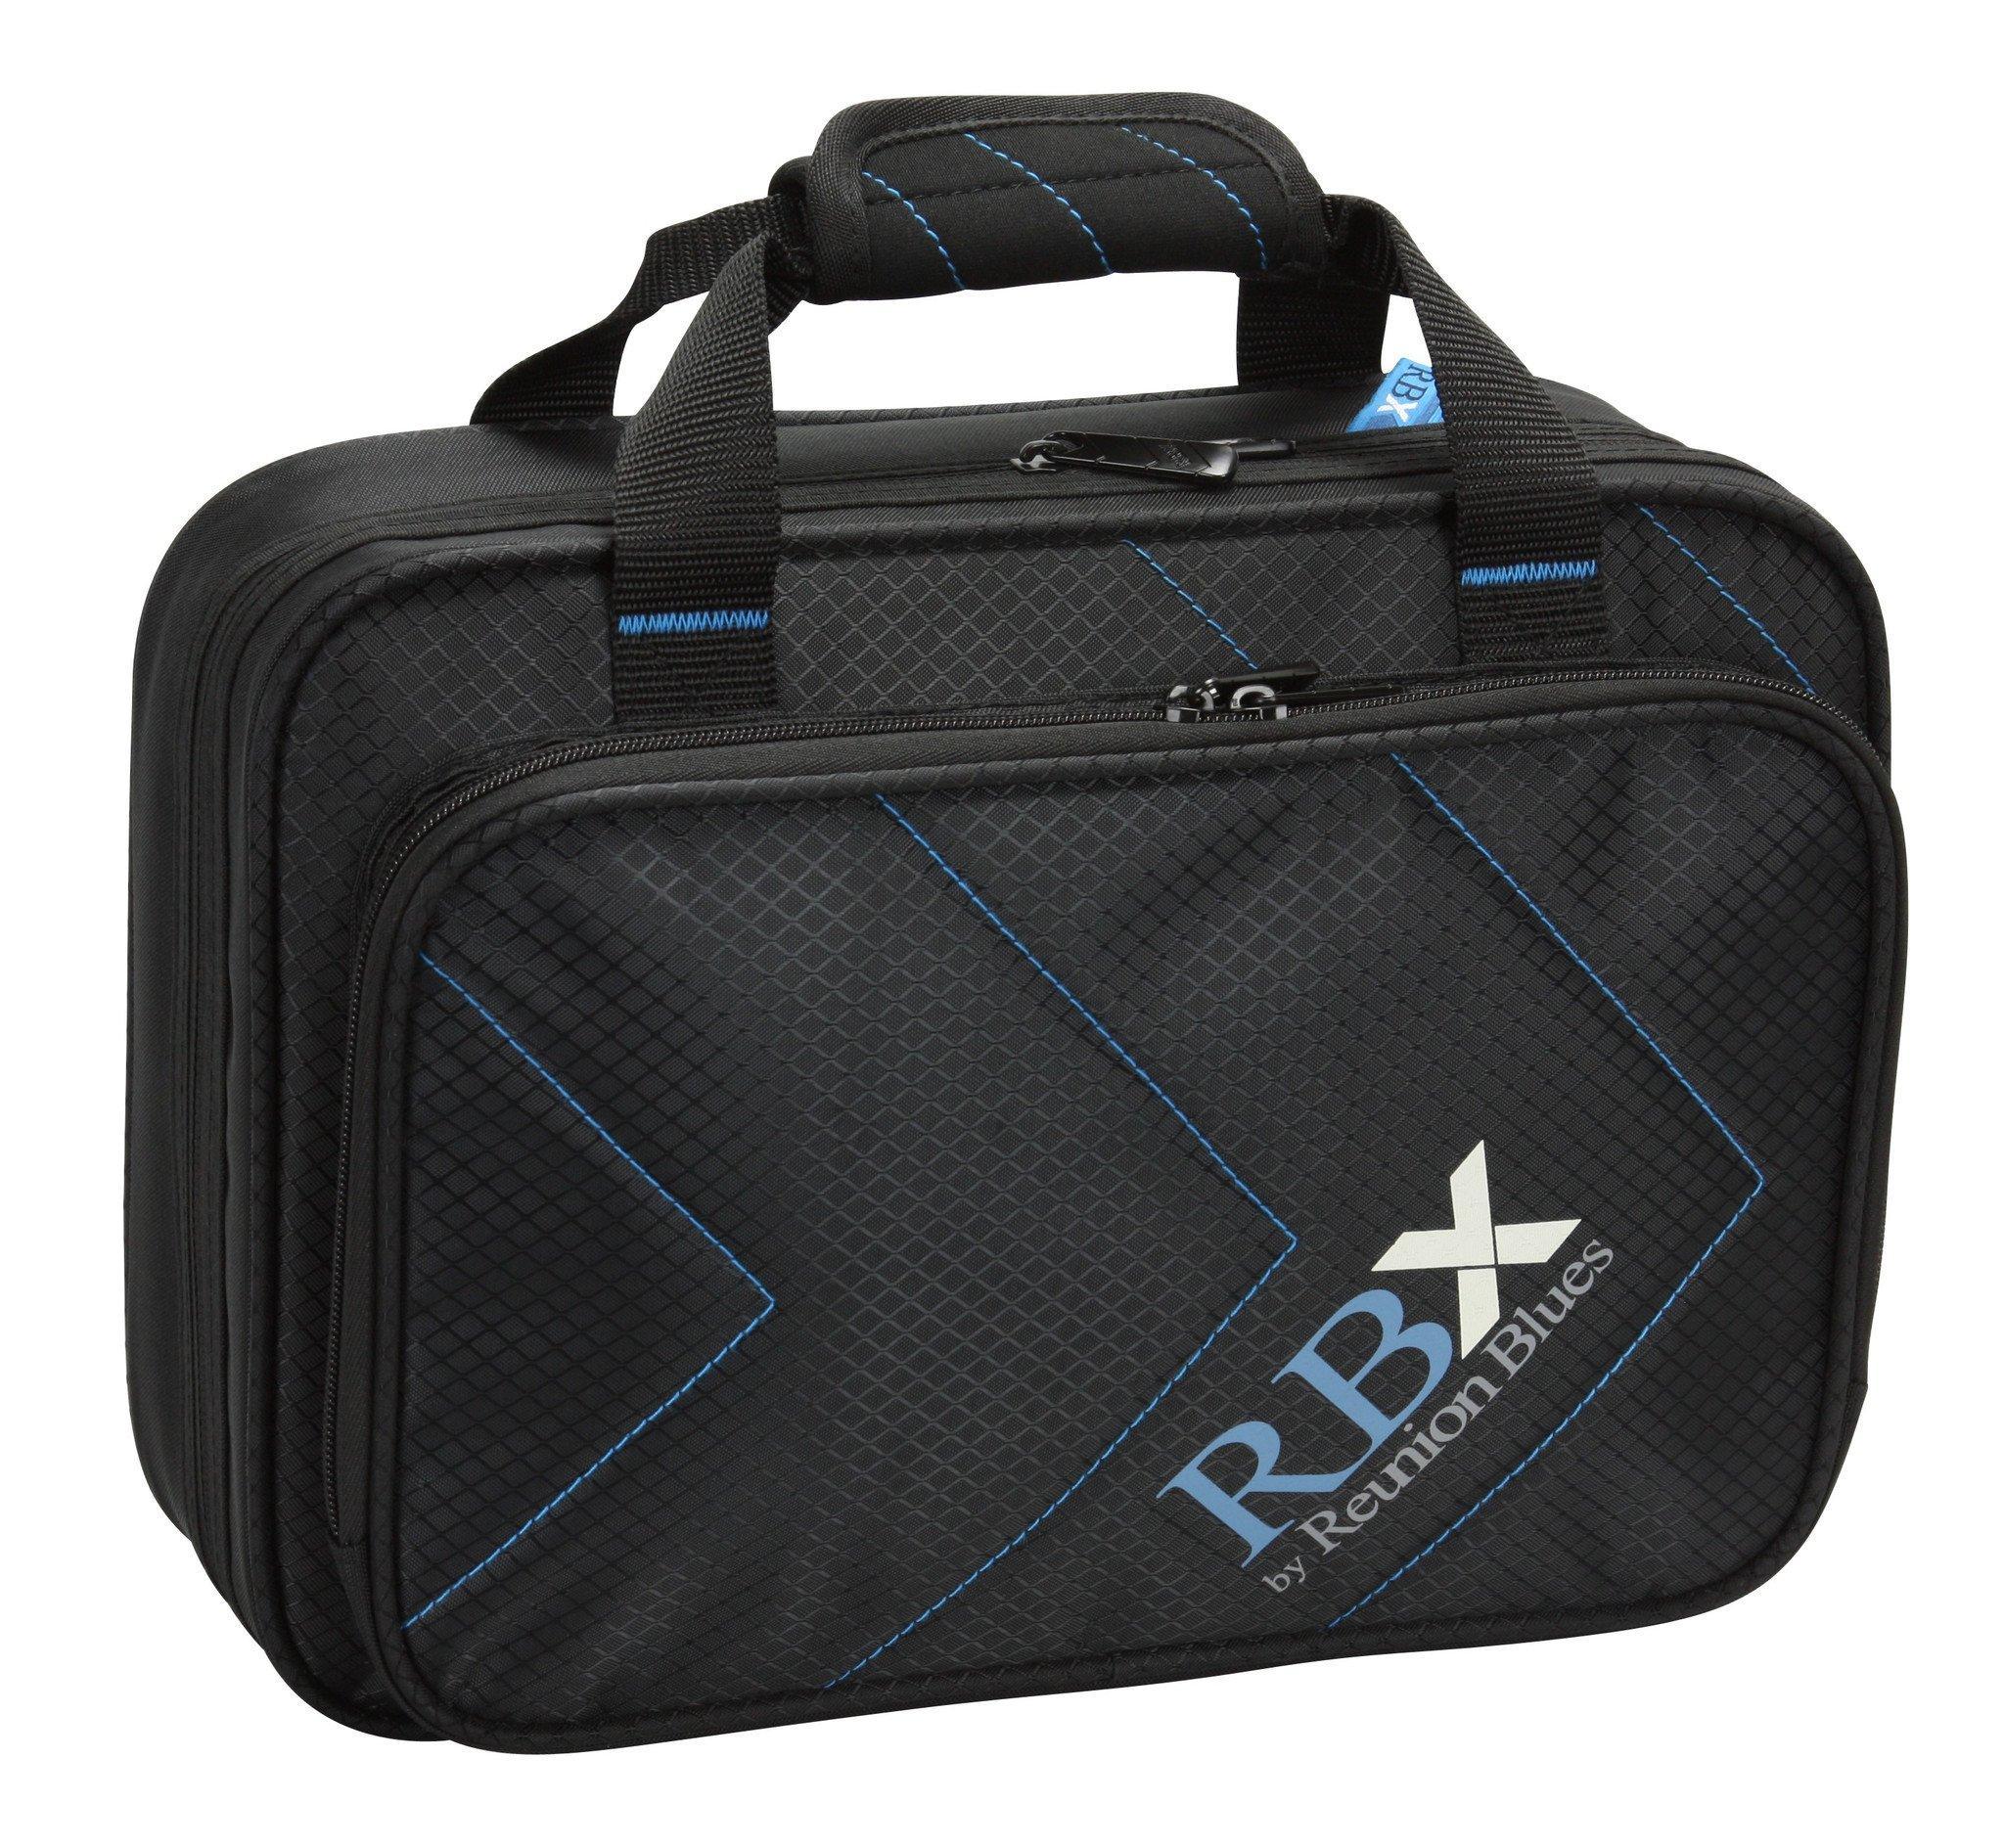 RBX Clarinet Case